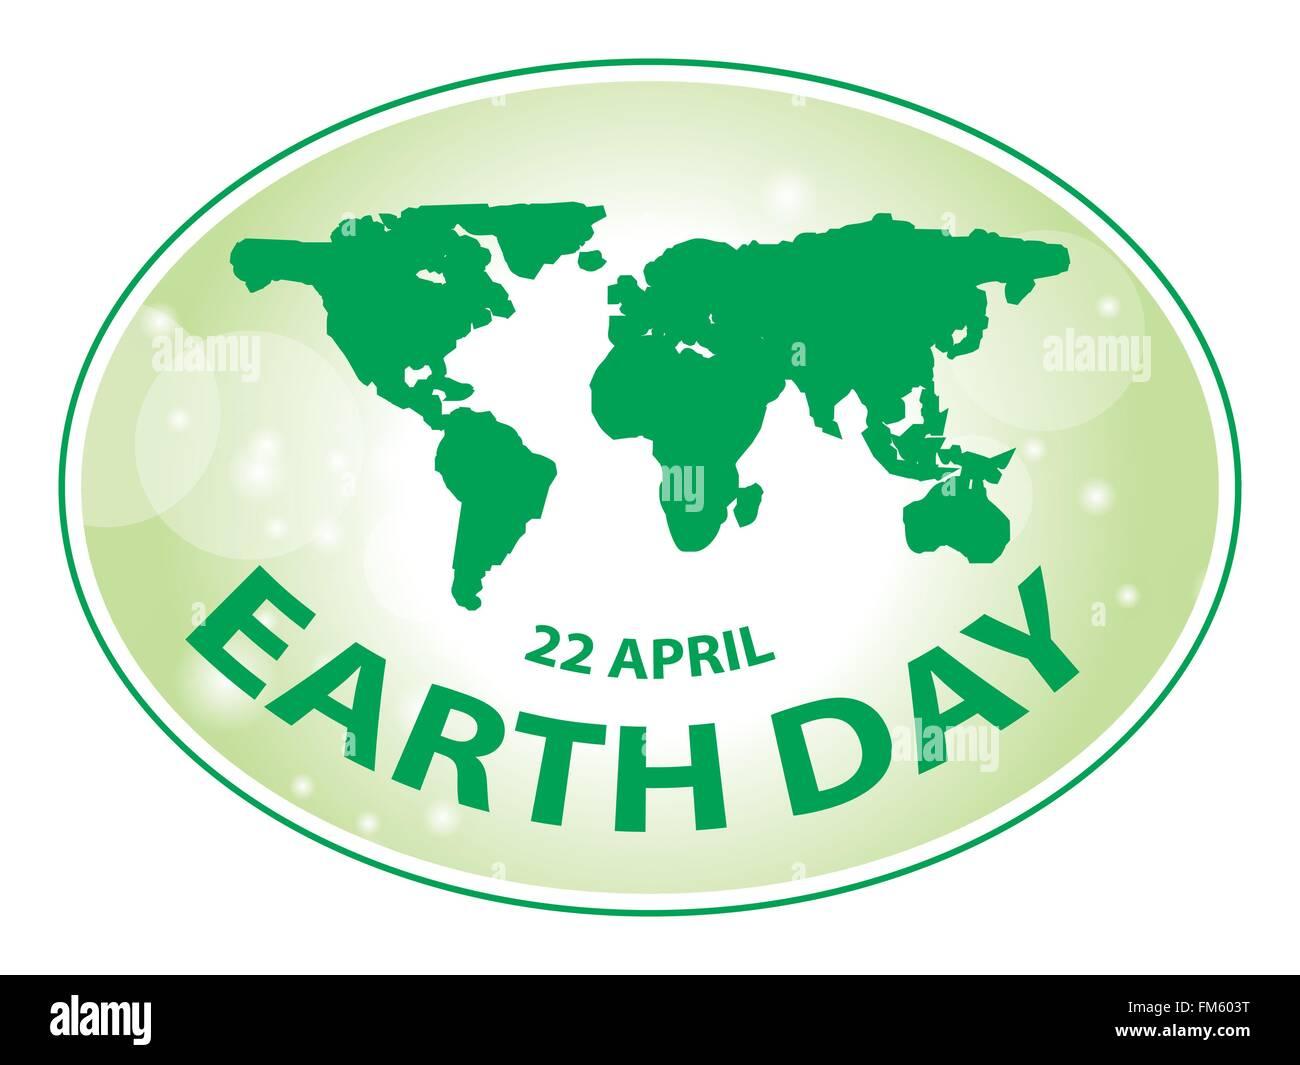 El día de la tierra verde mapa grunge banner ilustración vectorial 2 Imagen De Stock